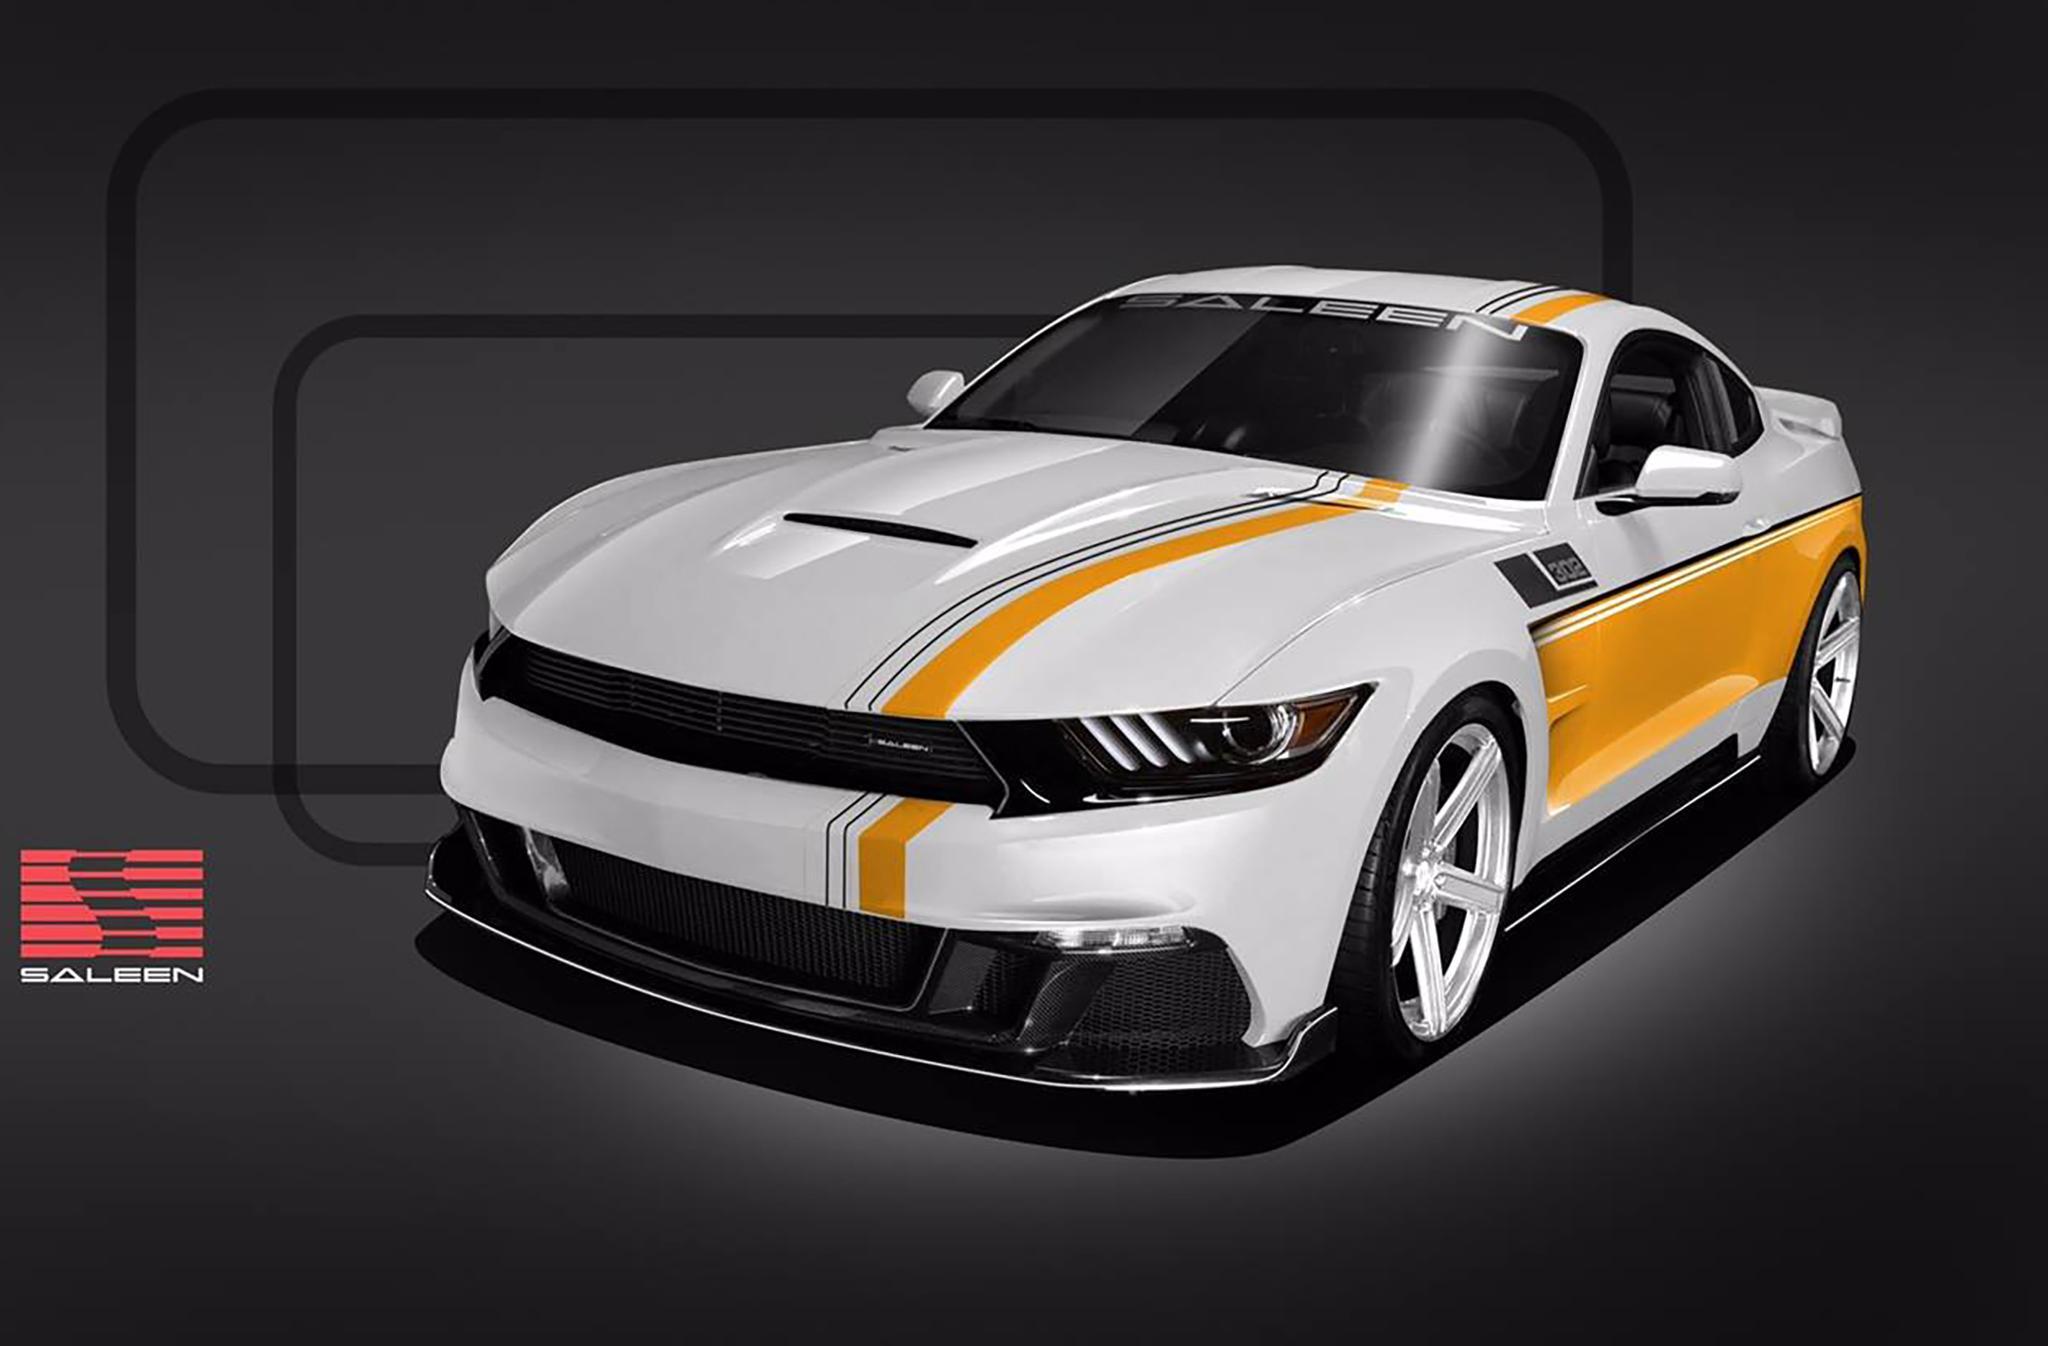 Юбилейную версию Saleen Mustang обуют в новые шины General G-Max RS